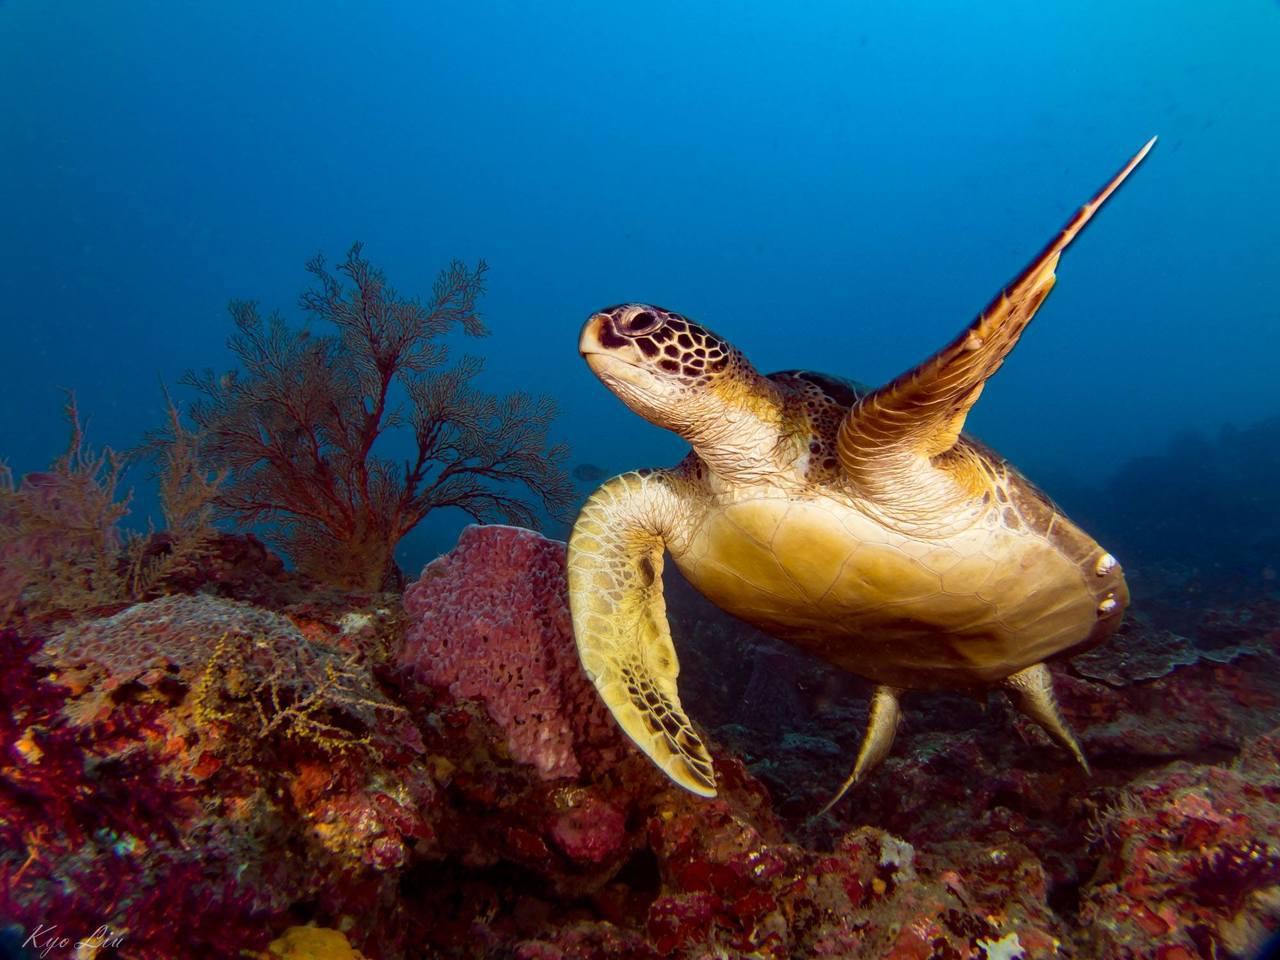 潛友京太郎說,一年前的今天,他在潮境海洋保育區潛水,他遇見了玳瑁,這是他第一次在...